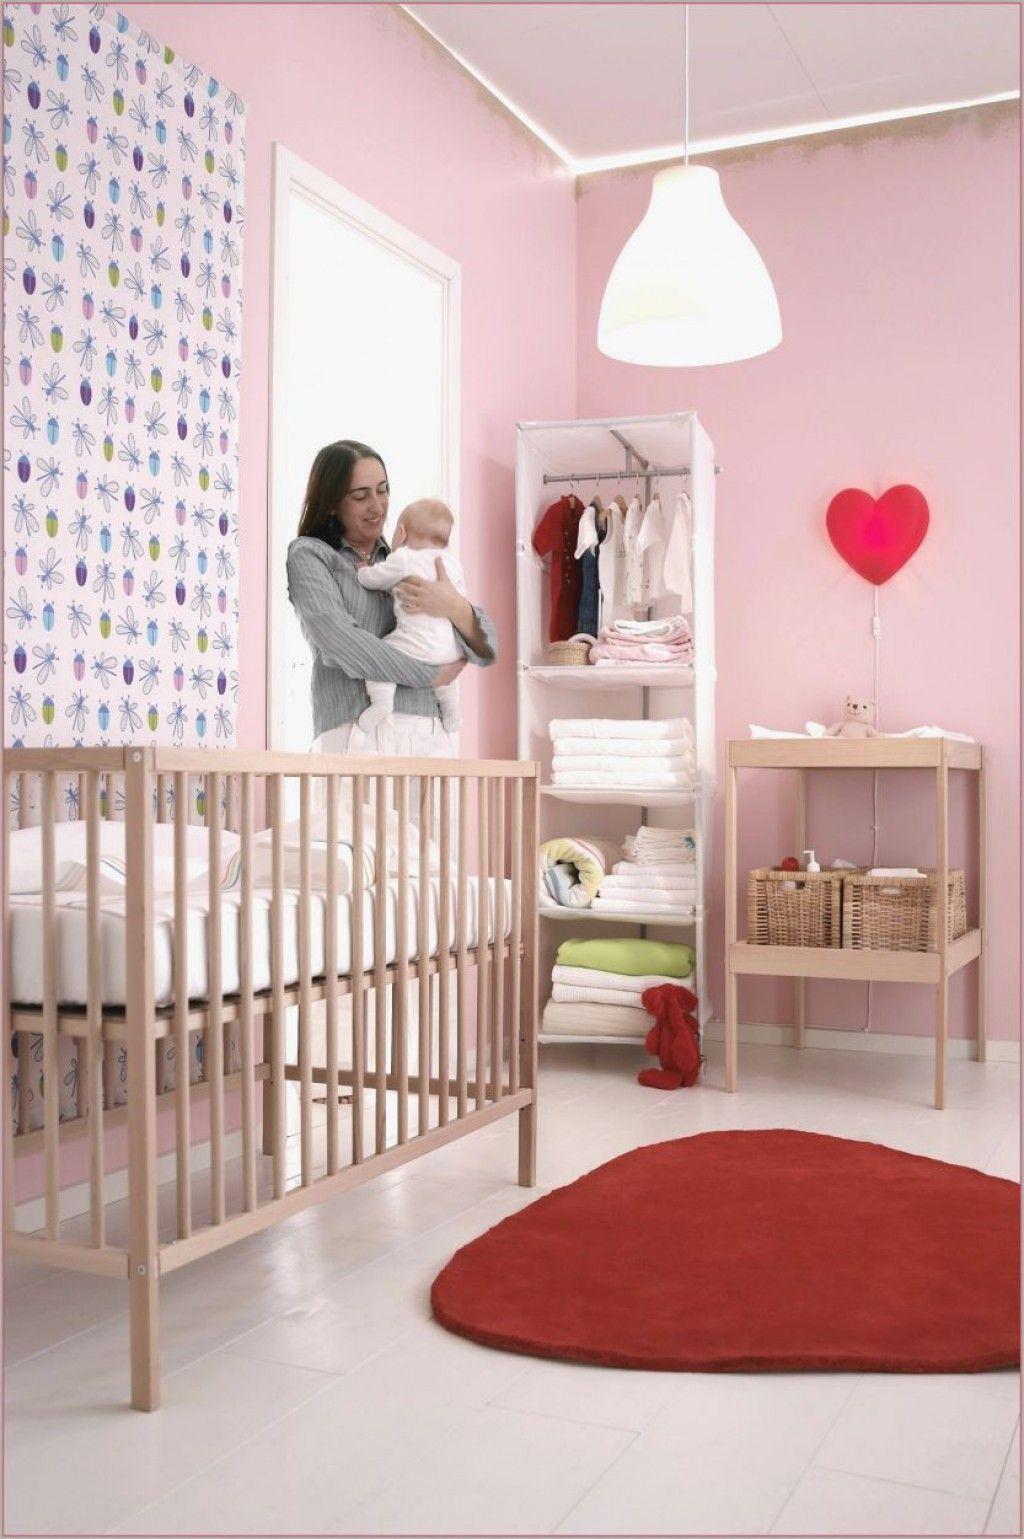 Genial Natalys Chambre Bebe Interior Design Bedroom Bedroom Interior Bed